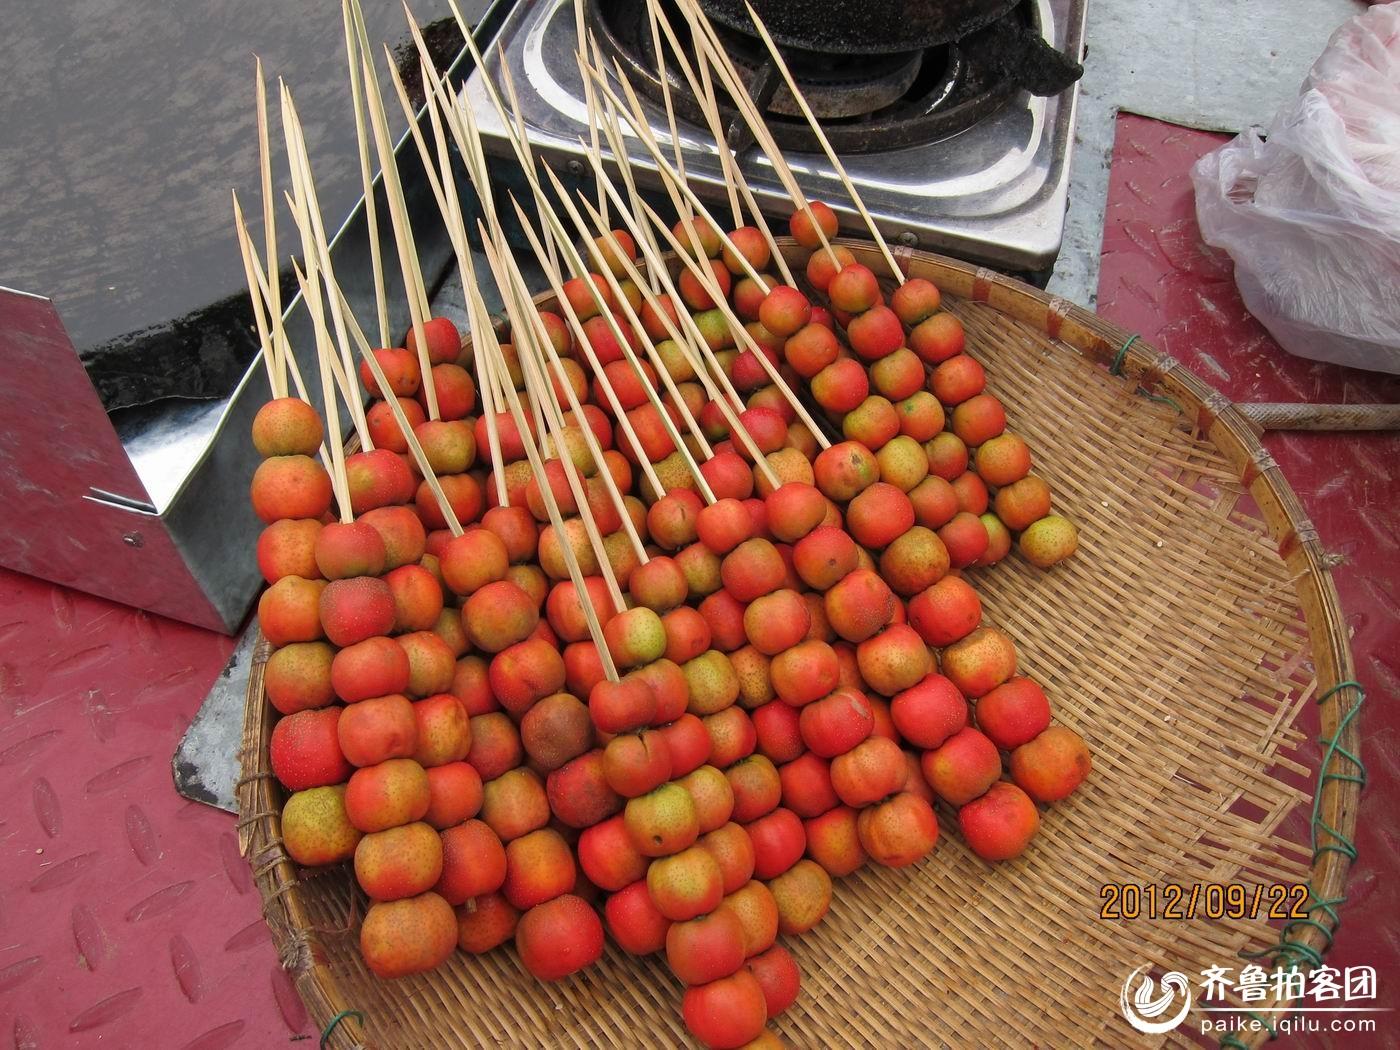 北京糖葫芦的制作过程